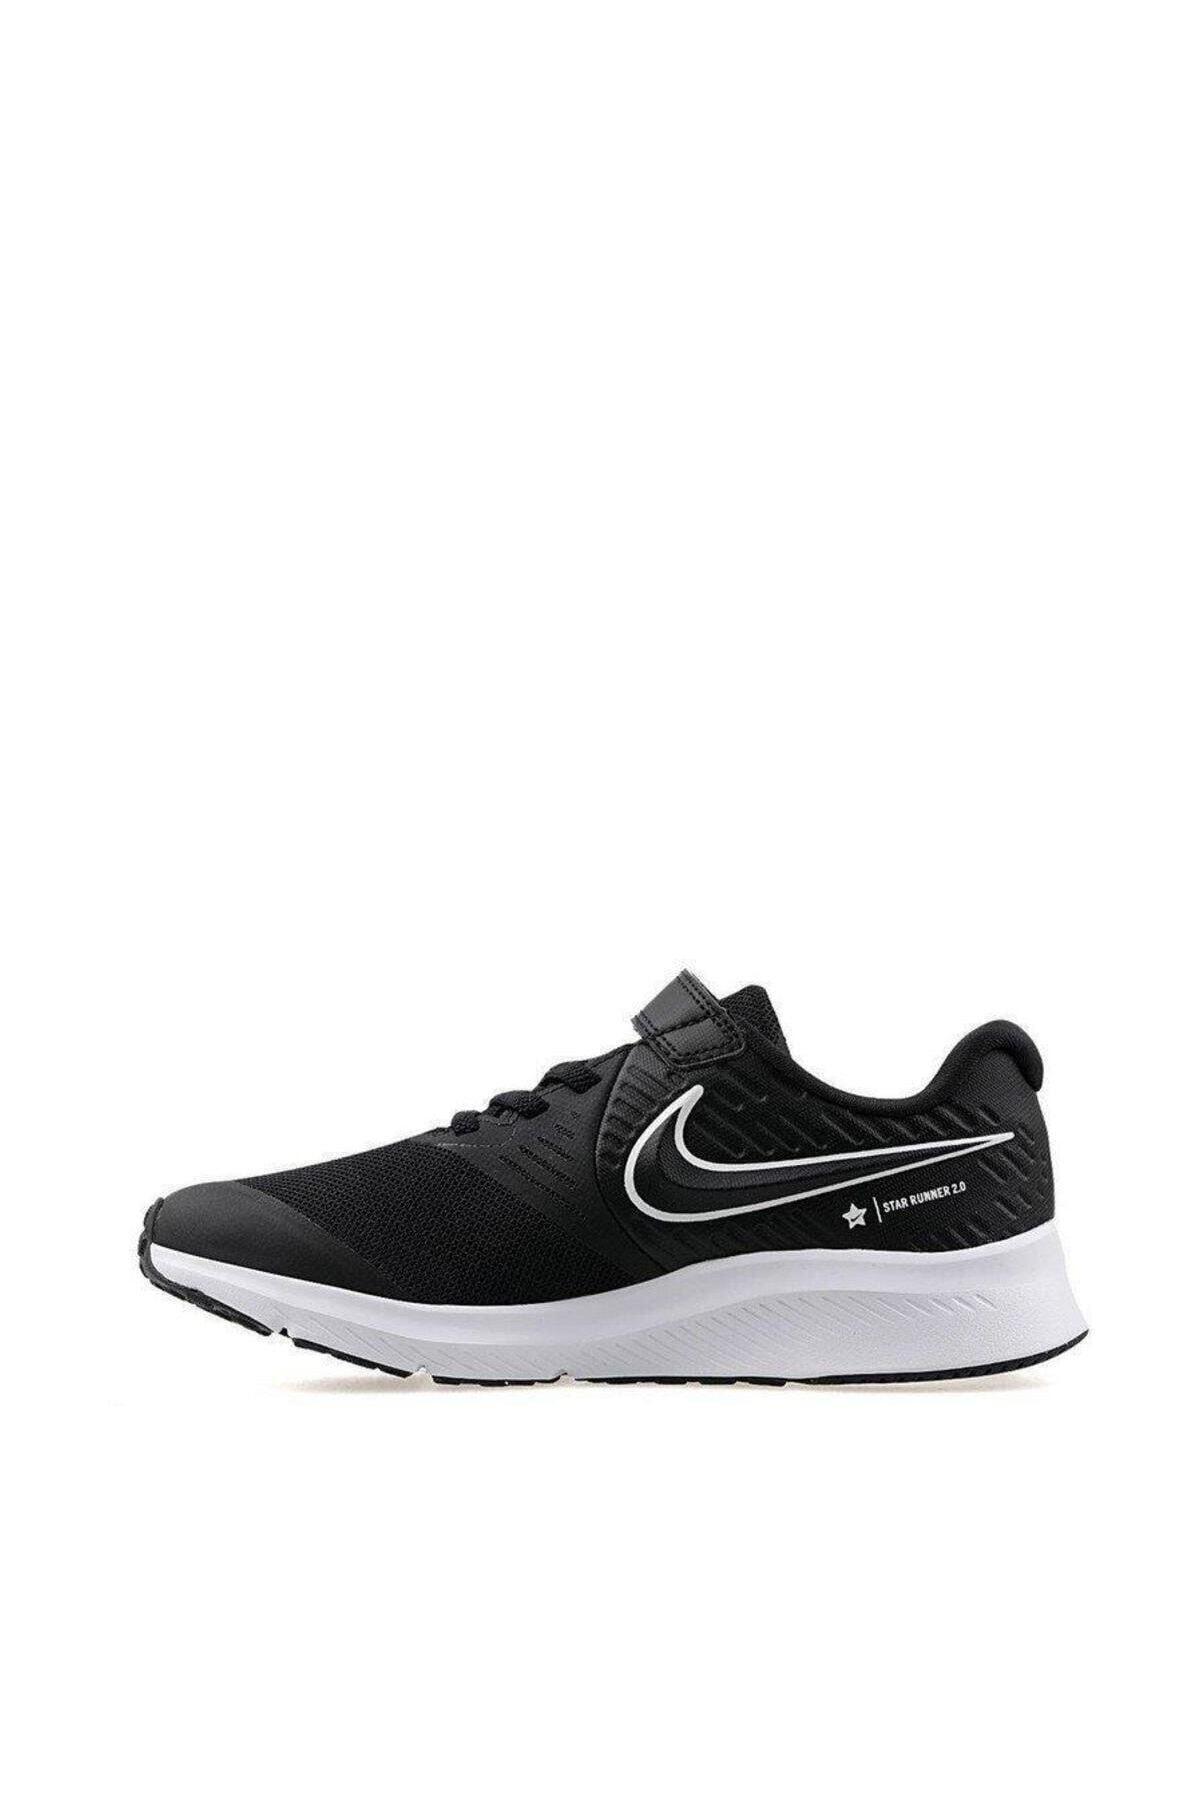 Nike Kids Star Runner 2 Çocuk Ayakkabısı 2